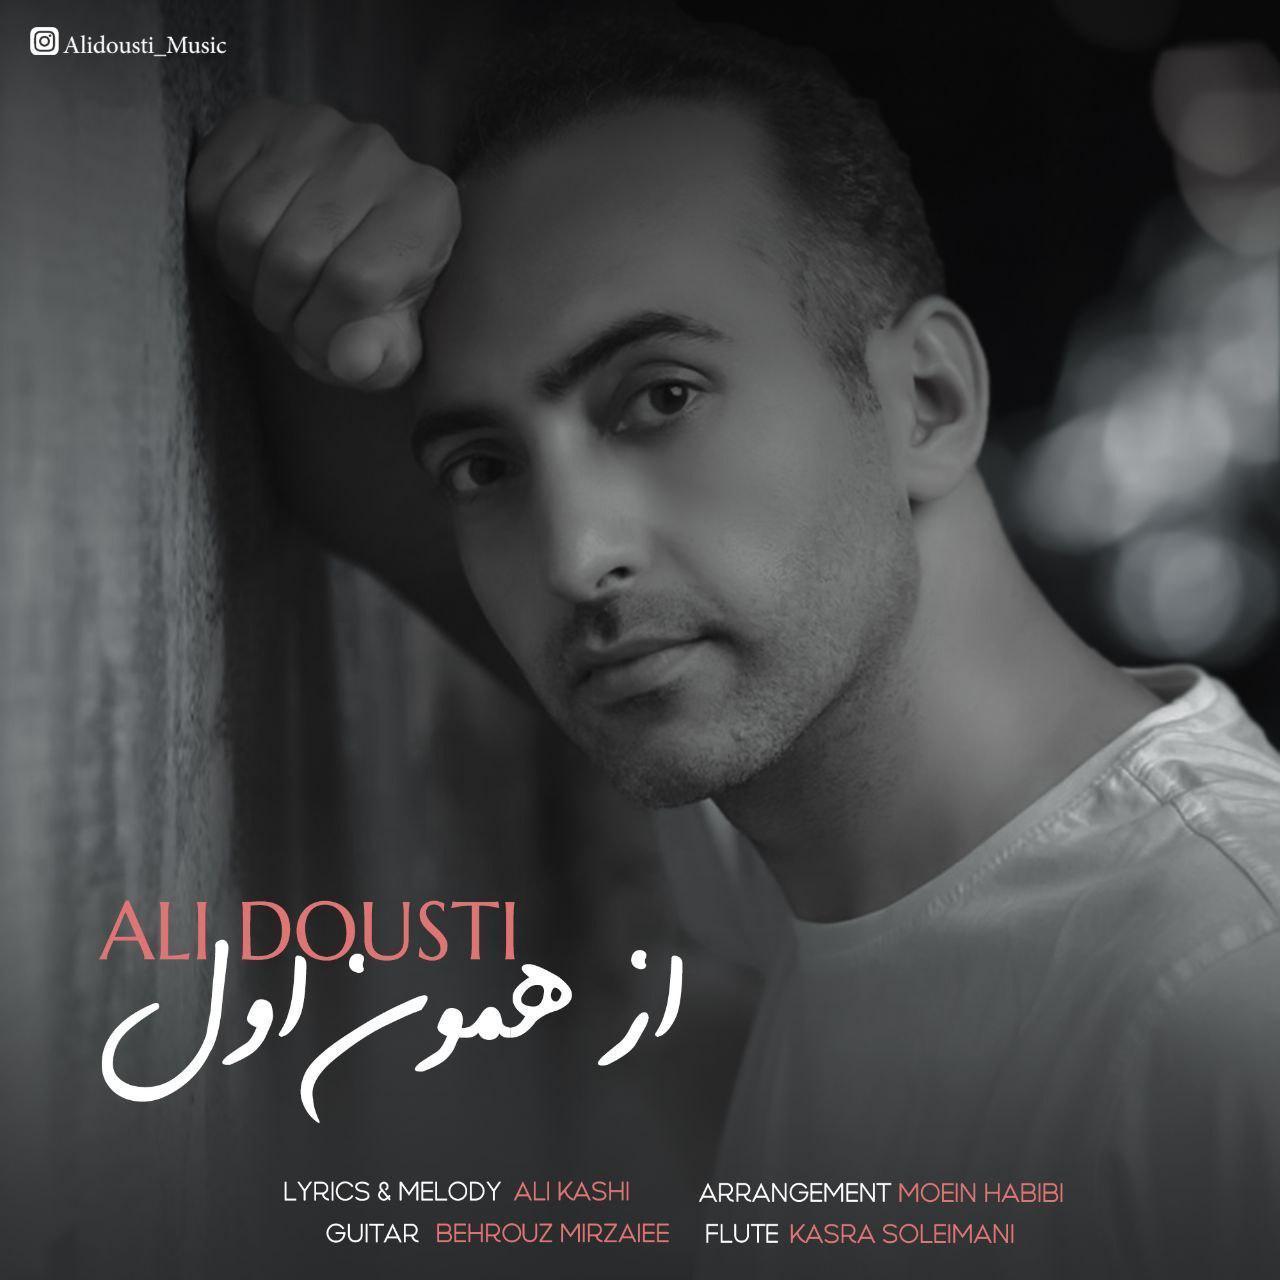 Ali Dousti – Az Hamon Aval